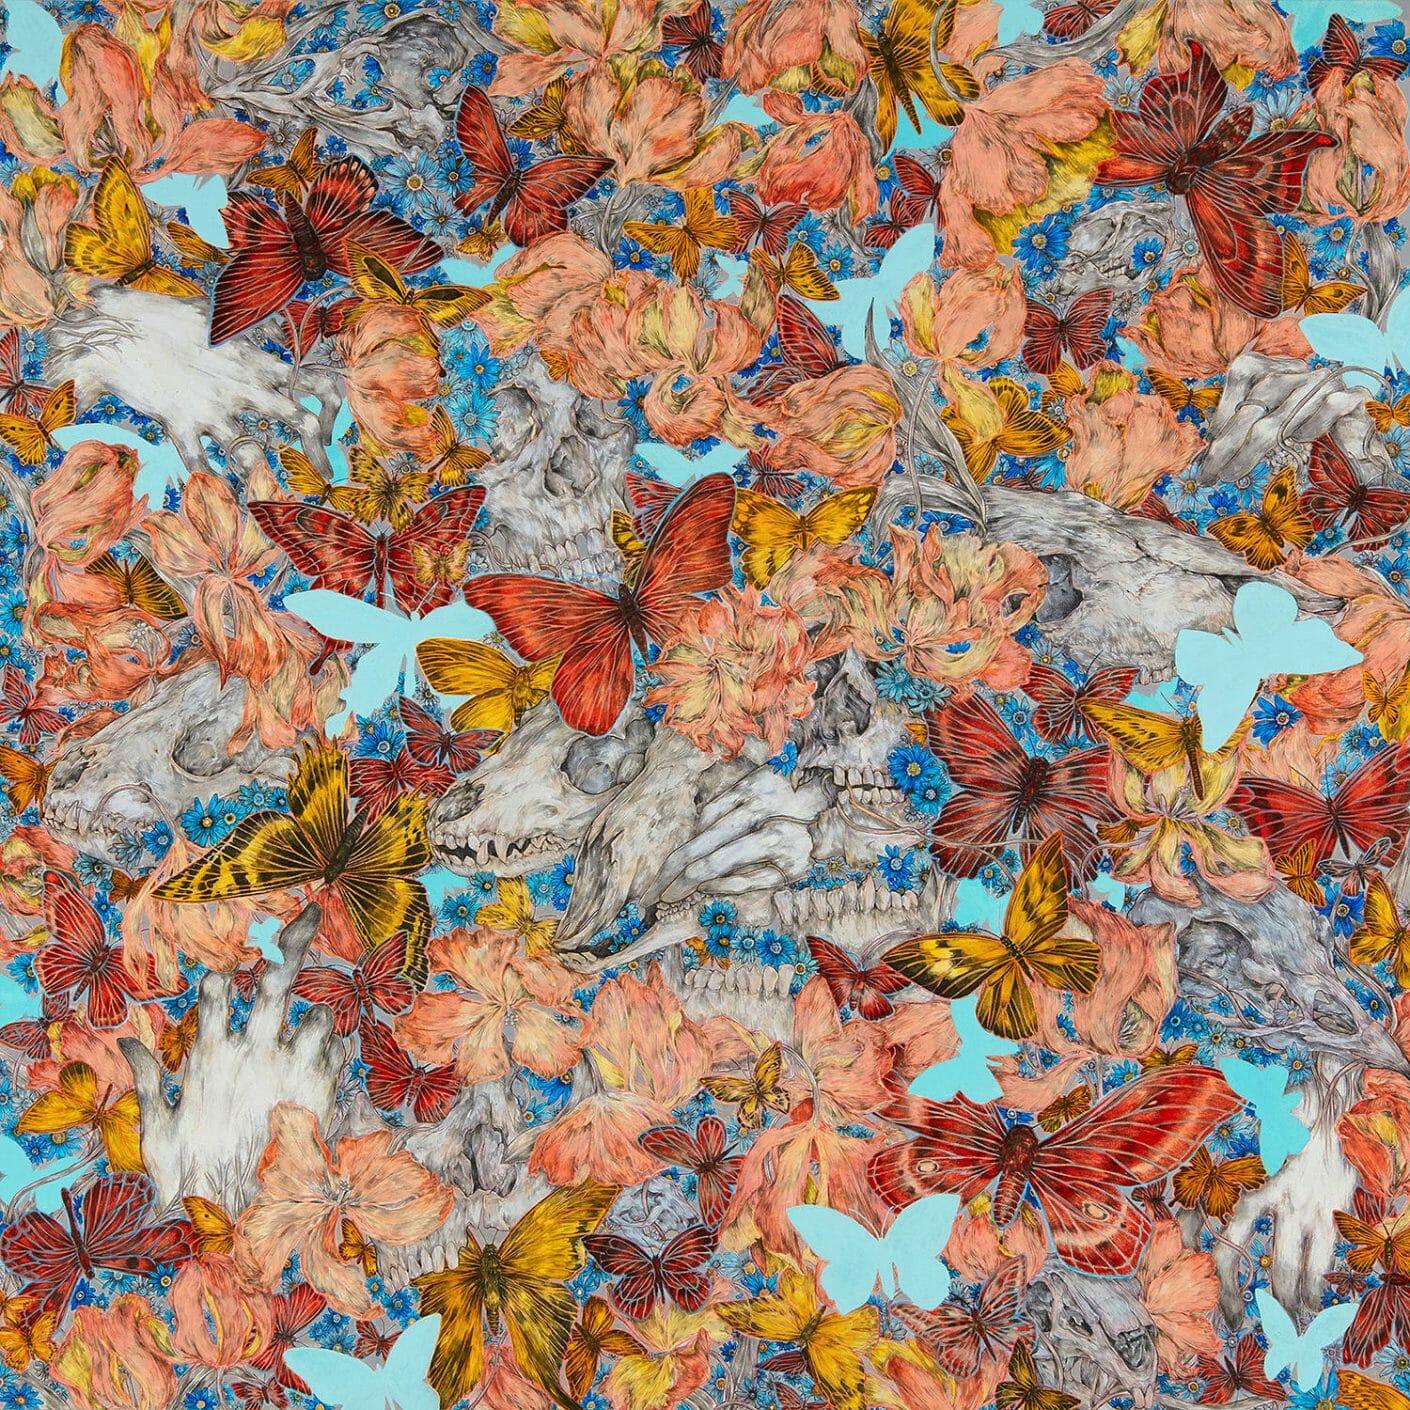 Tableau fleuri sur lequel est découpé en bleu ciel des formes de papillons. De nombreuses têtes de mort animales et végétales sont présentes